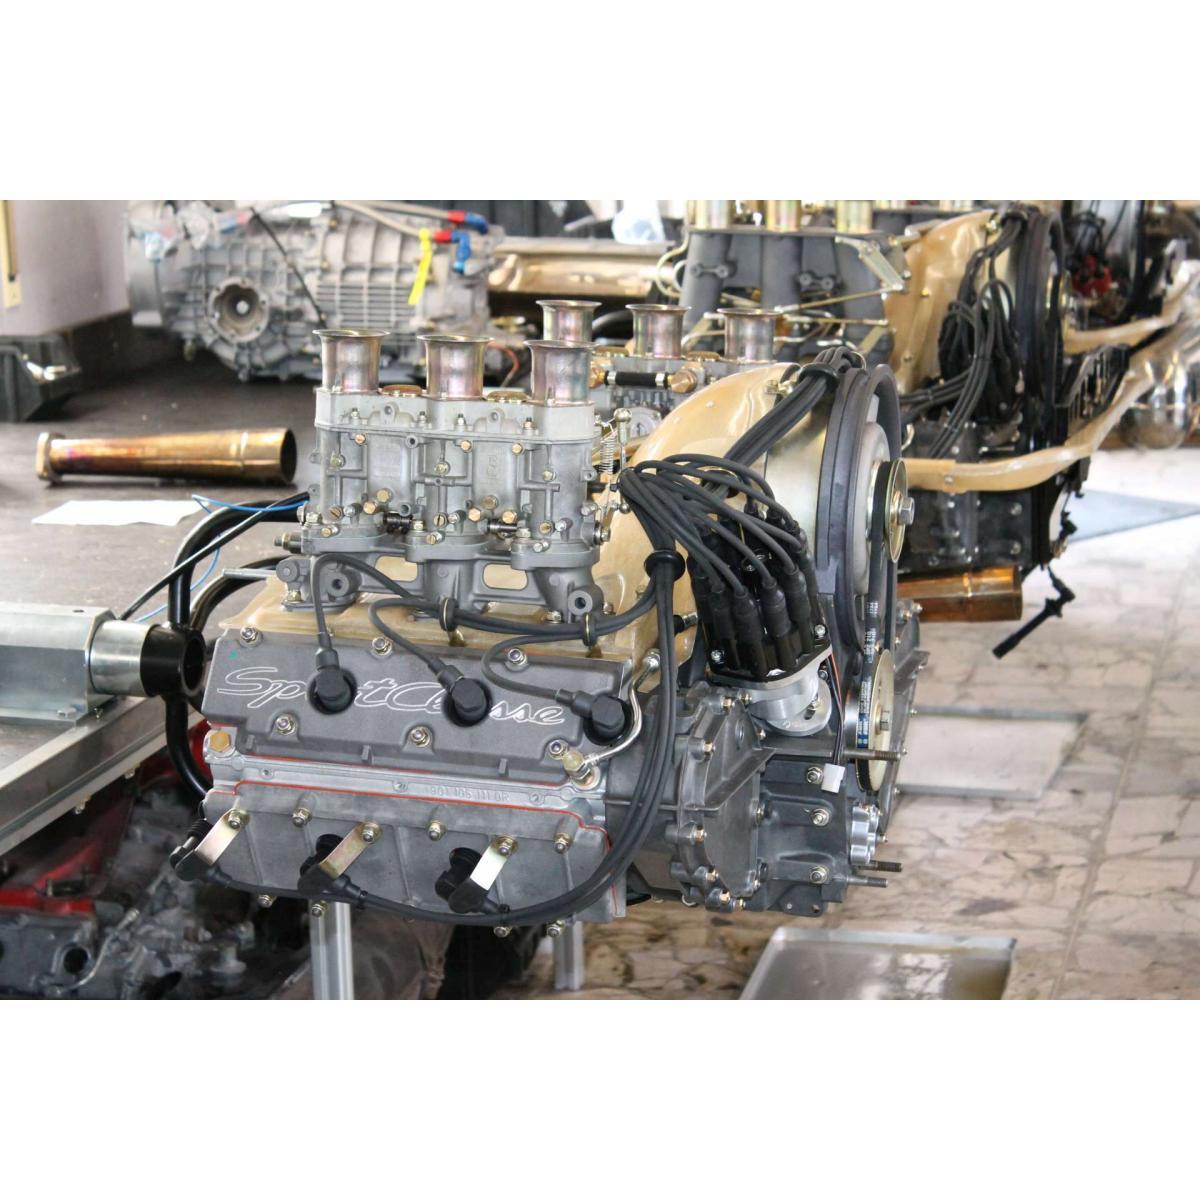 """Motor komplett, 2,8 """"Sportclasse"""", Vergaser, 265 PS/ 290 Nm"""